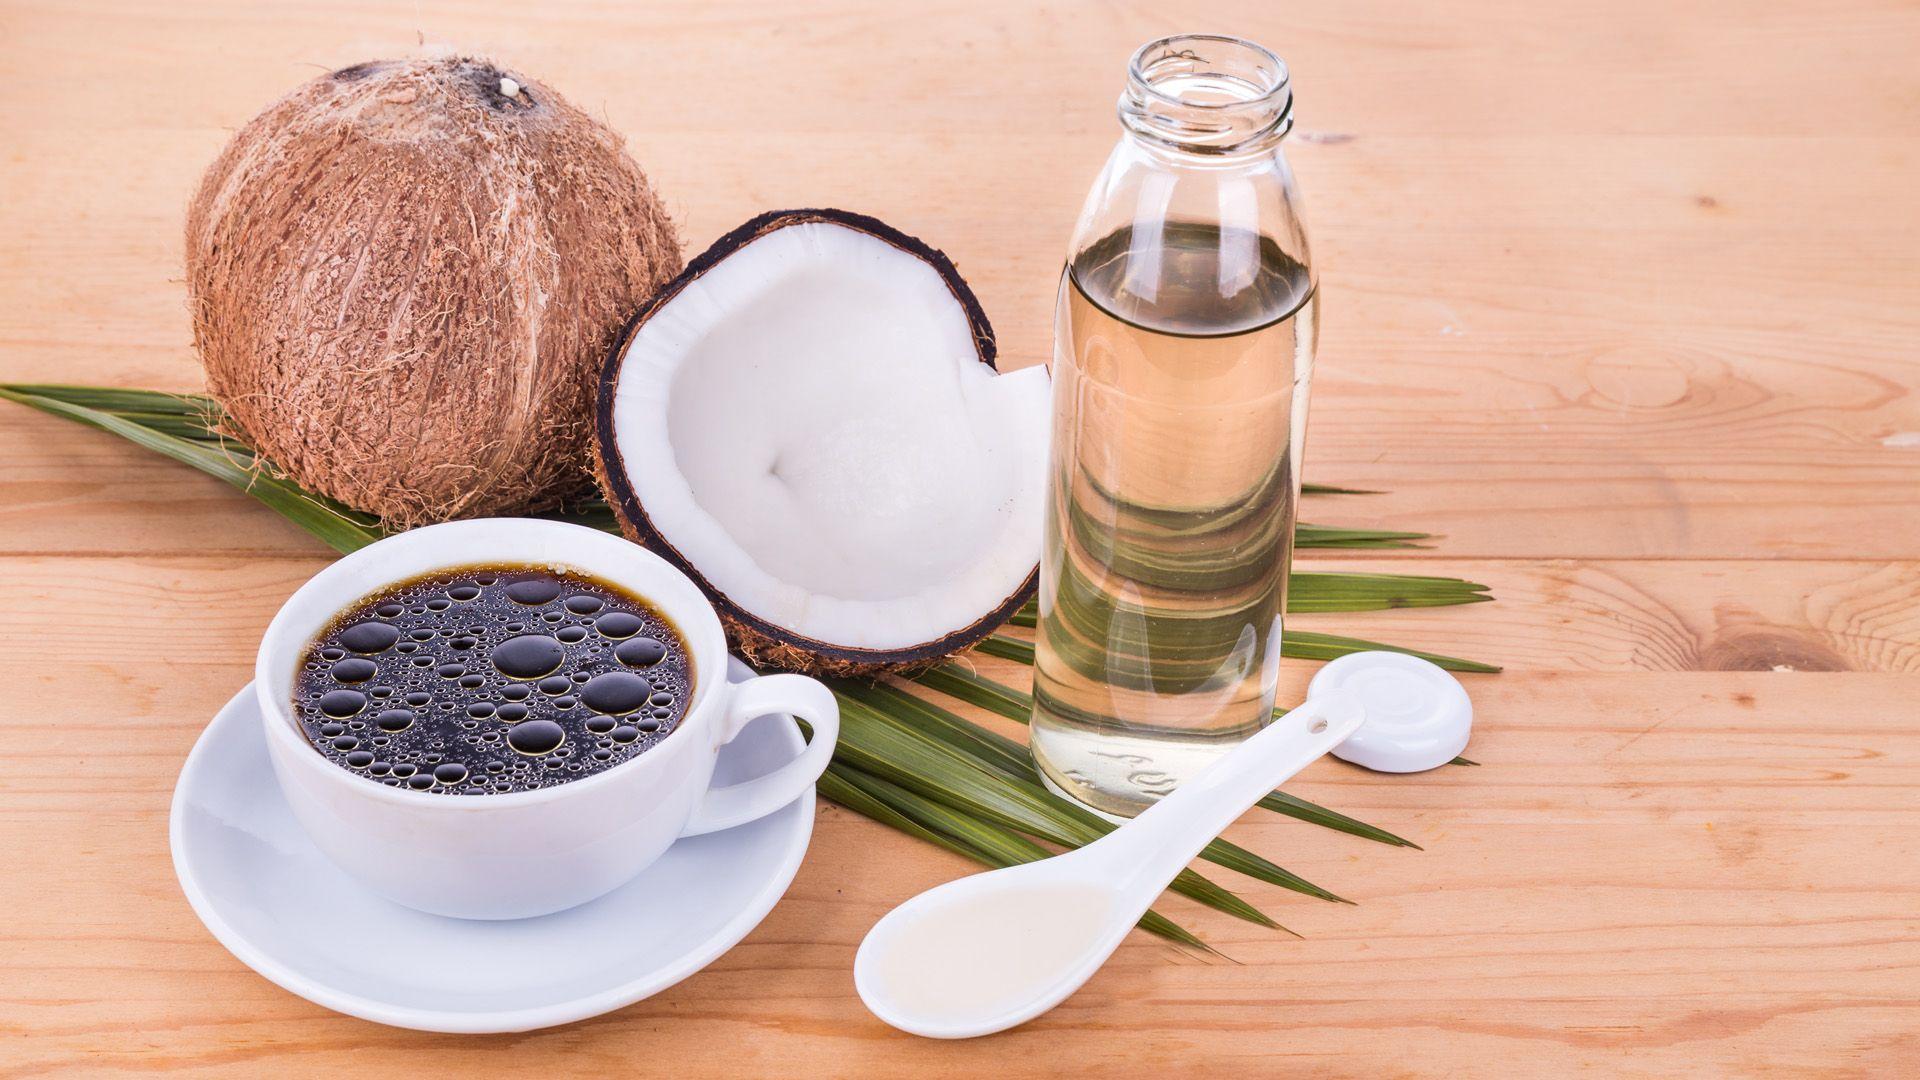 Eine Tasse Bulletproof-Coffee, eine Kokosnuss, ein Flasche und ein Löffel mit Kokosnussöl auf einem hellen Holztisch von Lidl Österreich